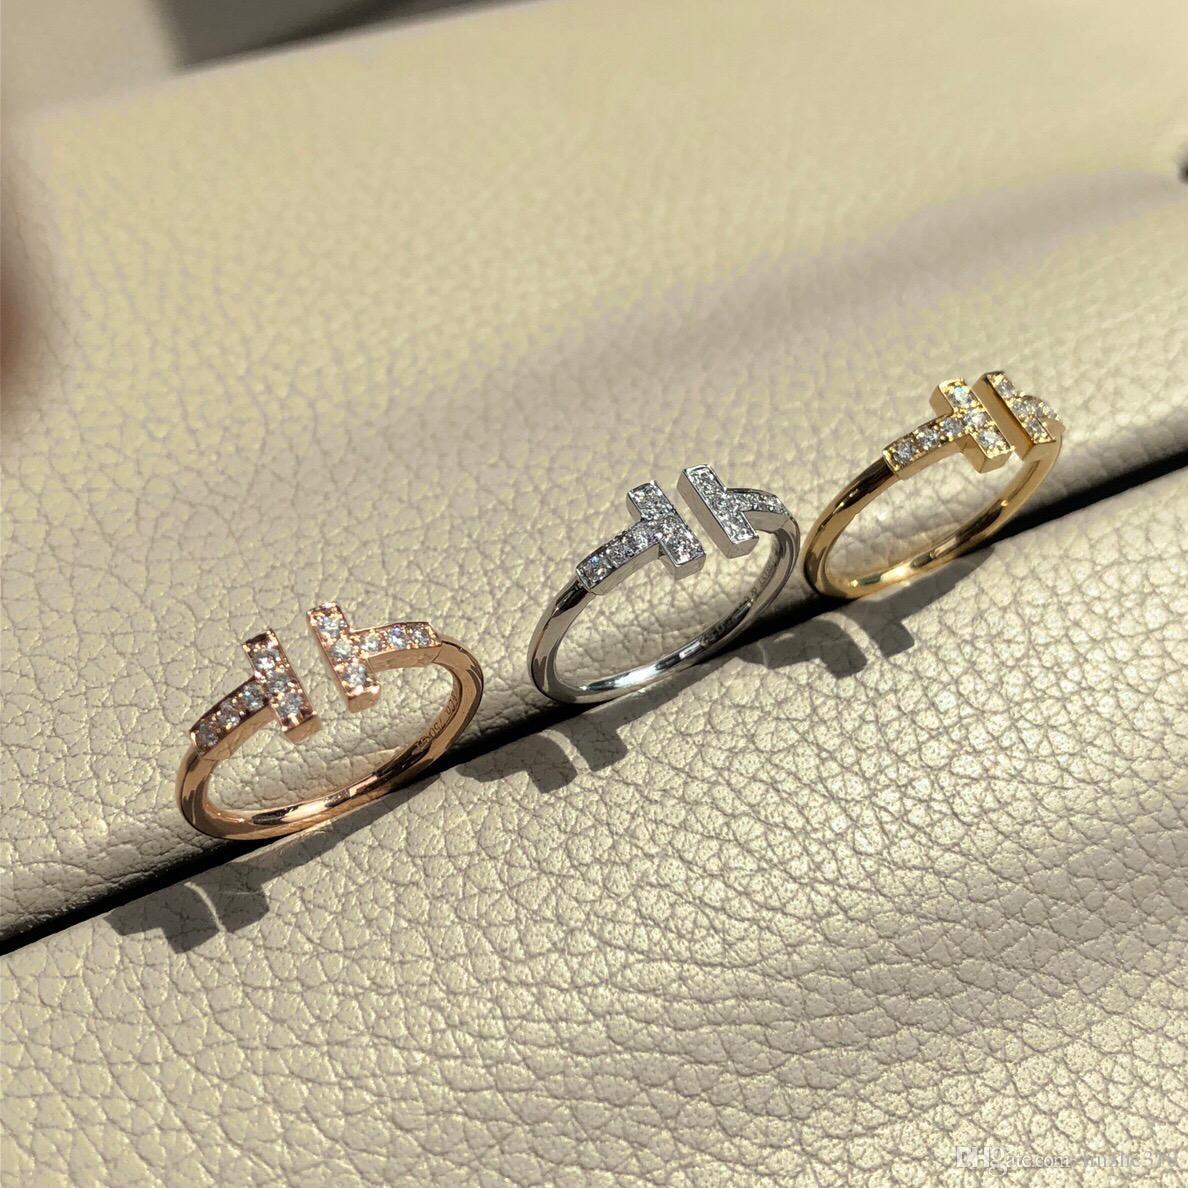 Yüksek sürüm 925 gümüş T elmas lüks tasarımcı halkaları anillos çift kadın düğün nişan Aşıklar hediye evlenmek bague